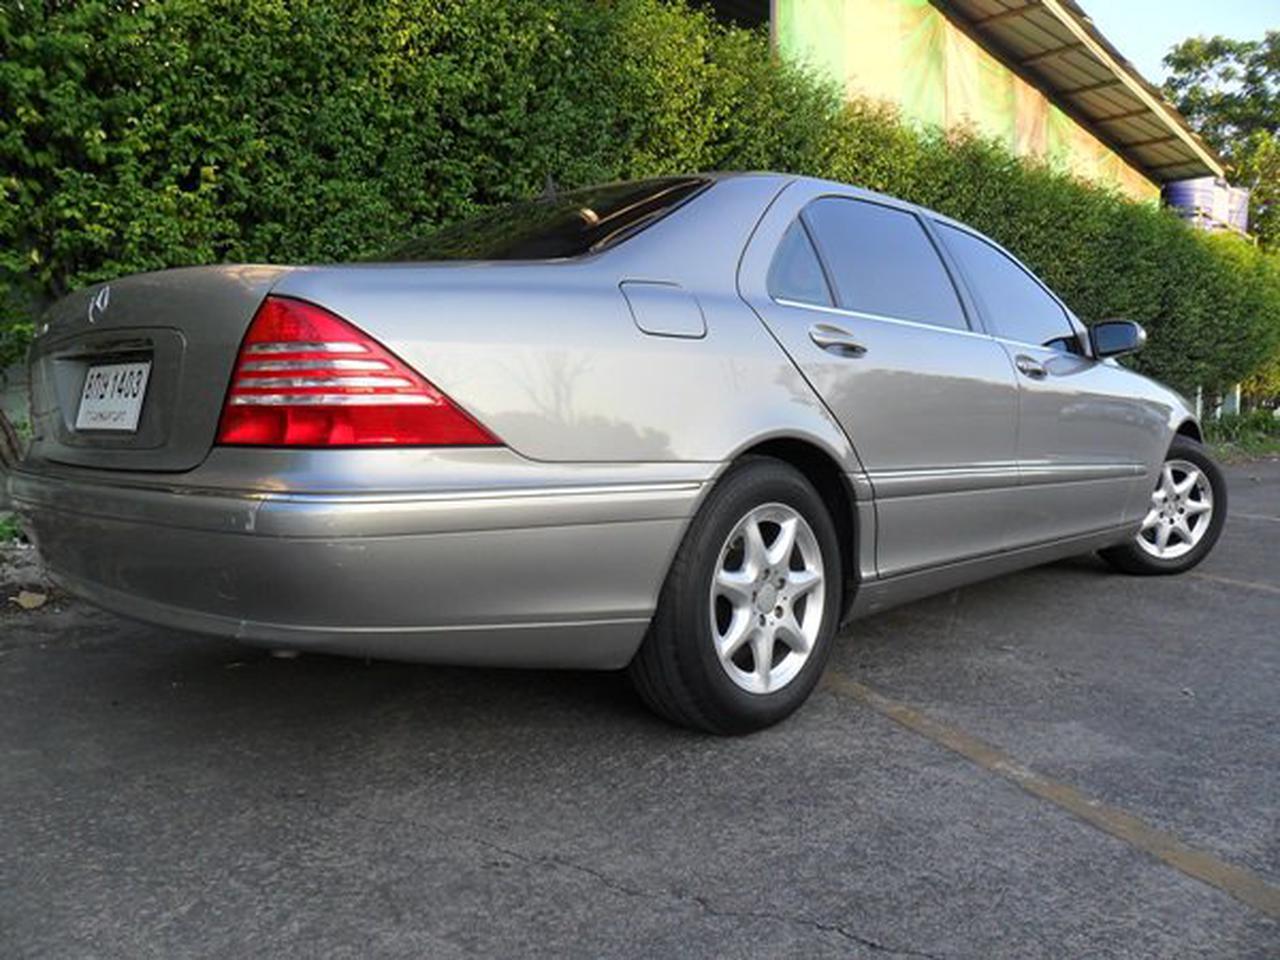 Benz S280 L 2004 ประวัติศูนย์ ระบบถุงลมและไฟฟ้าใช้งานได้สมบูรณ์ ไม่ติดแก๊ส สวยพร้อมใช้งาน  รูปที่ 2